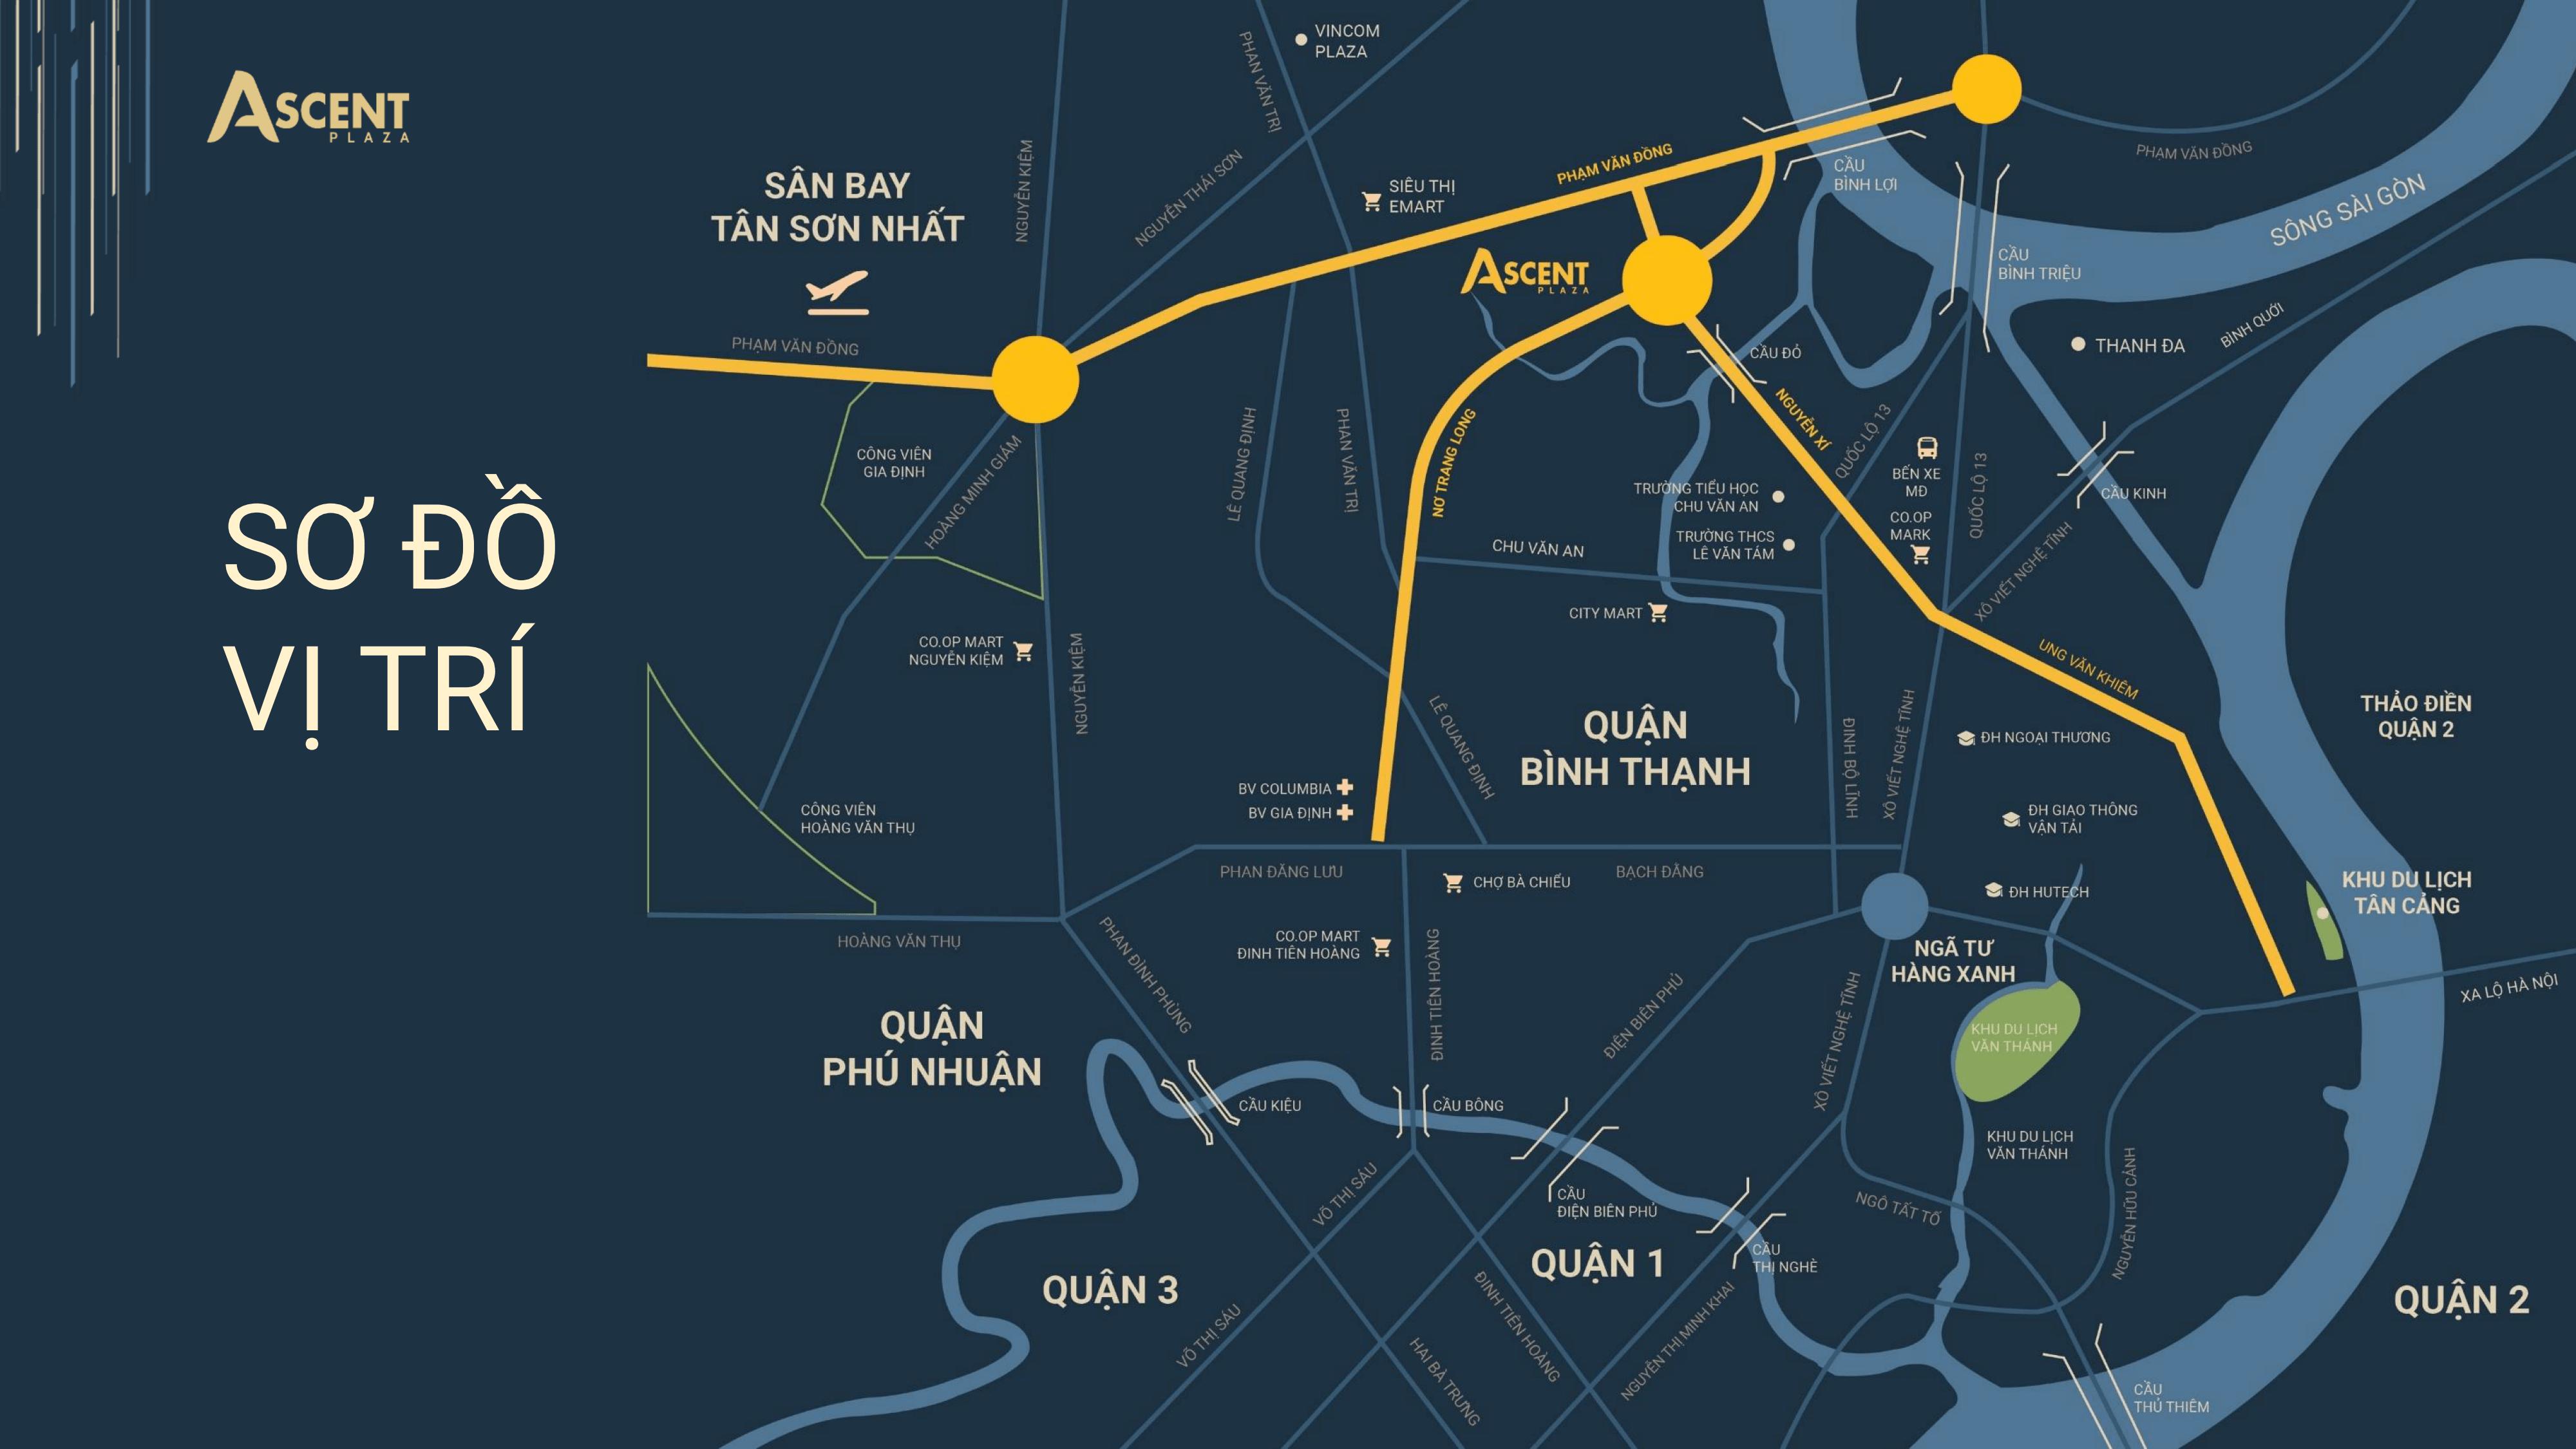 vị trí dự án ascent plaza bình thạnh